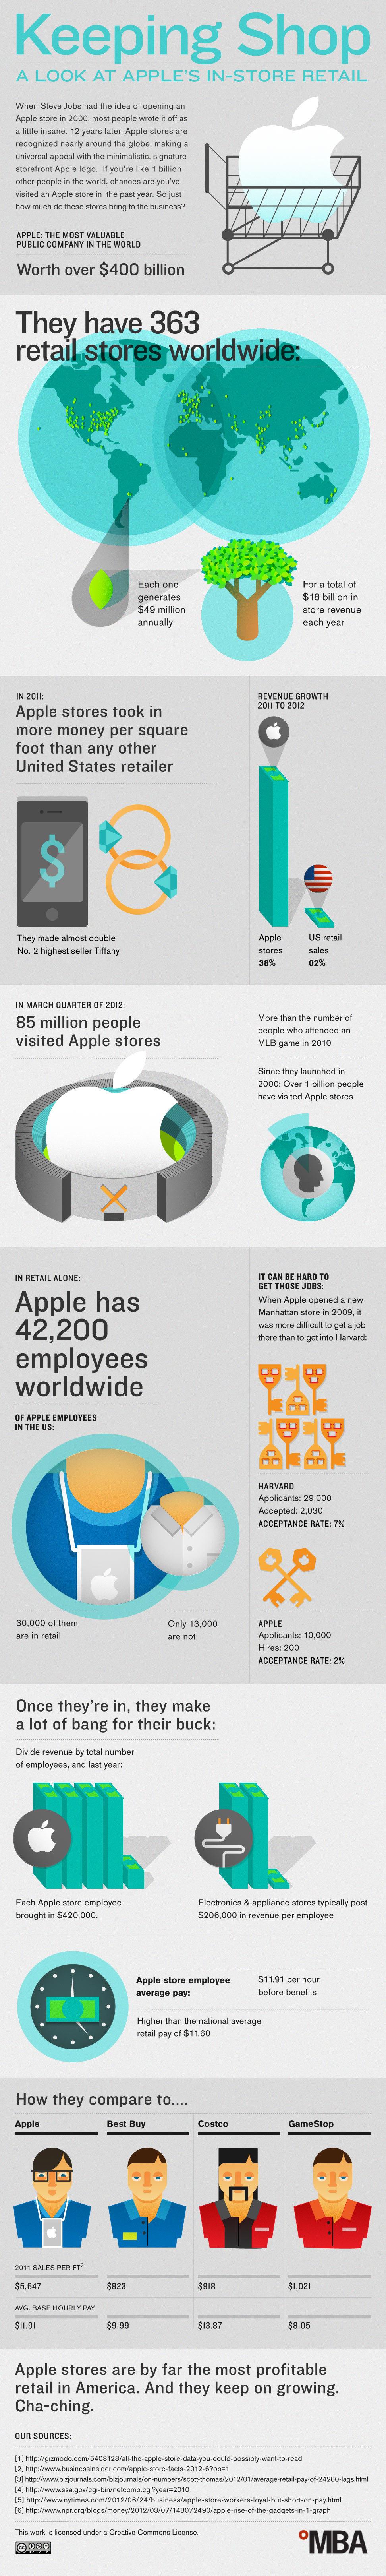 Apple Store - Une entreprise très rentable (en 1 image)